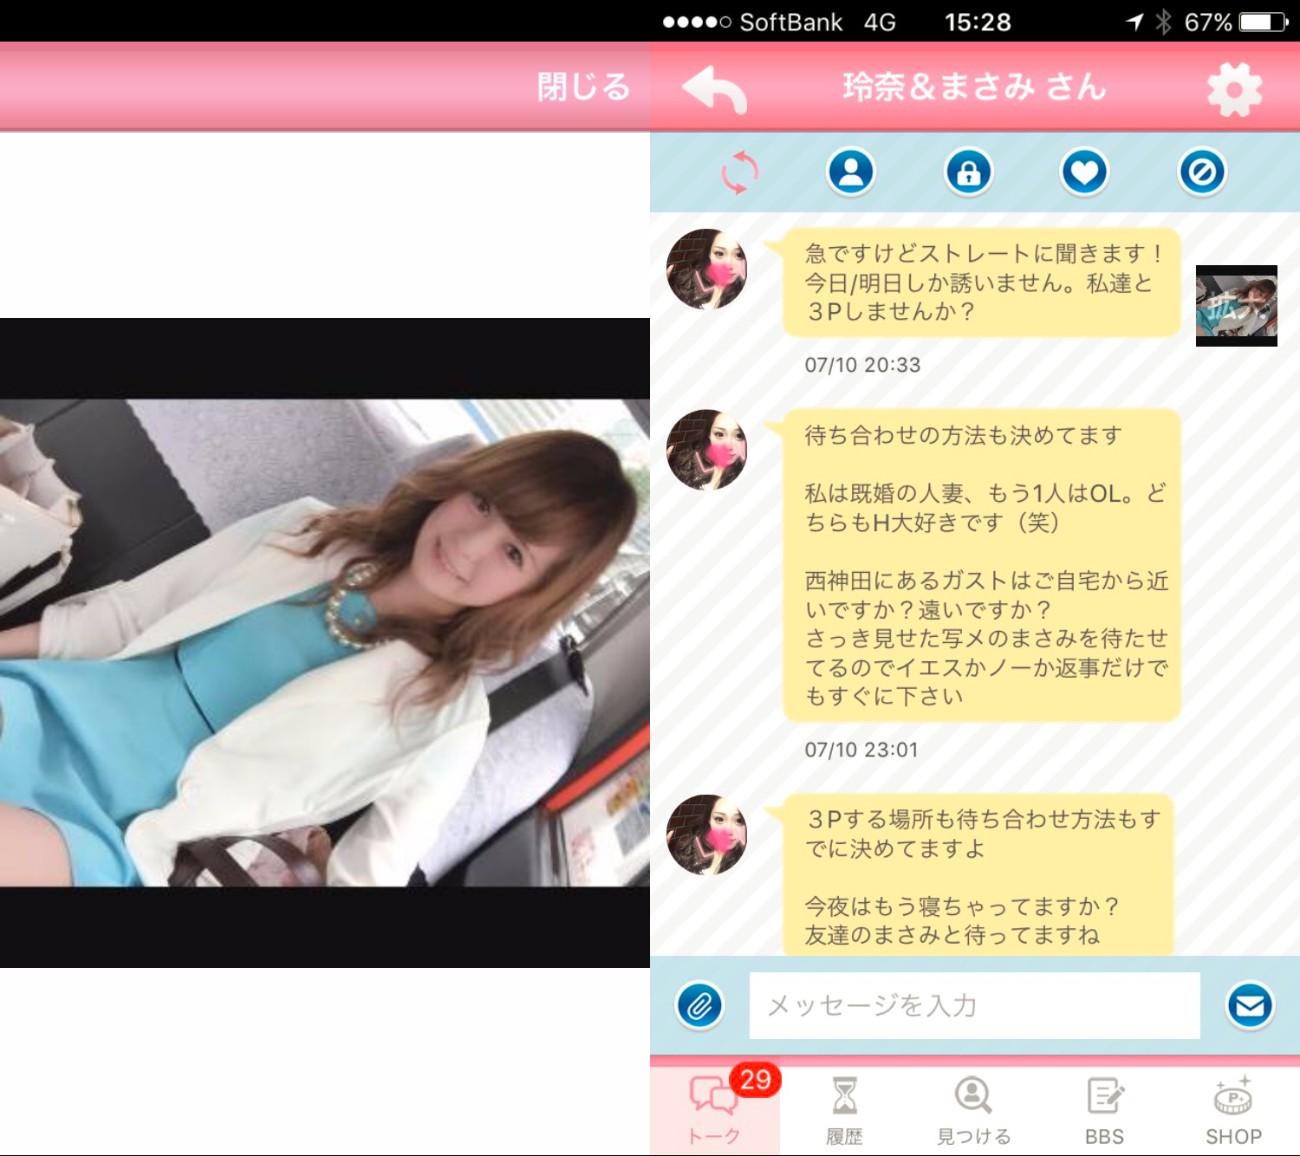 maline - 安心安全の出会い・恋活マッチングアプリサクラ